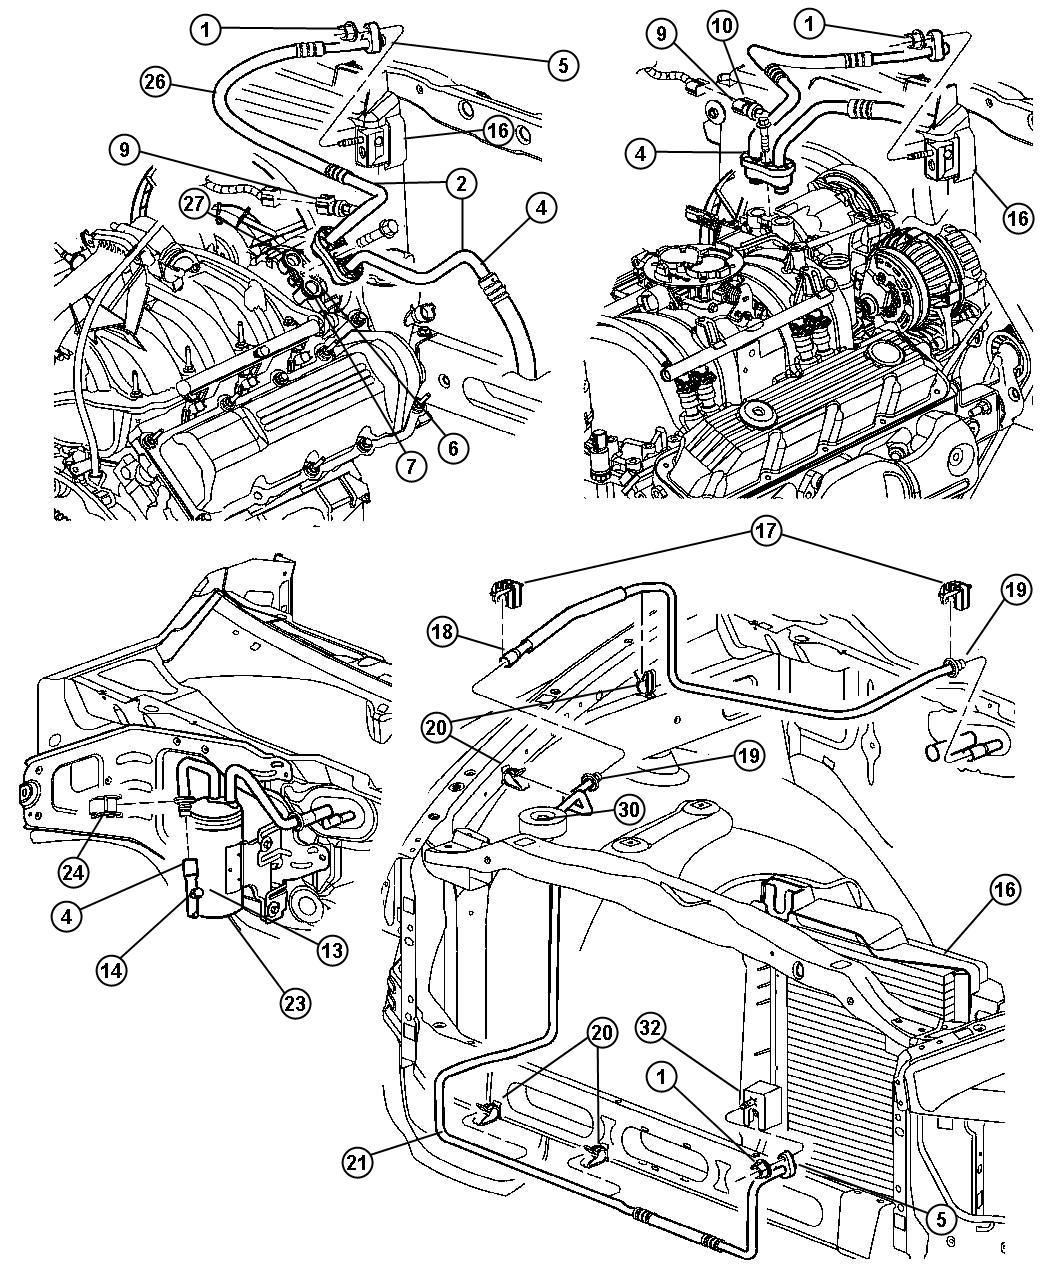 Dodge Ram 1500 Seal. Slim line. Line to compressor